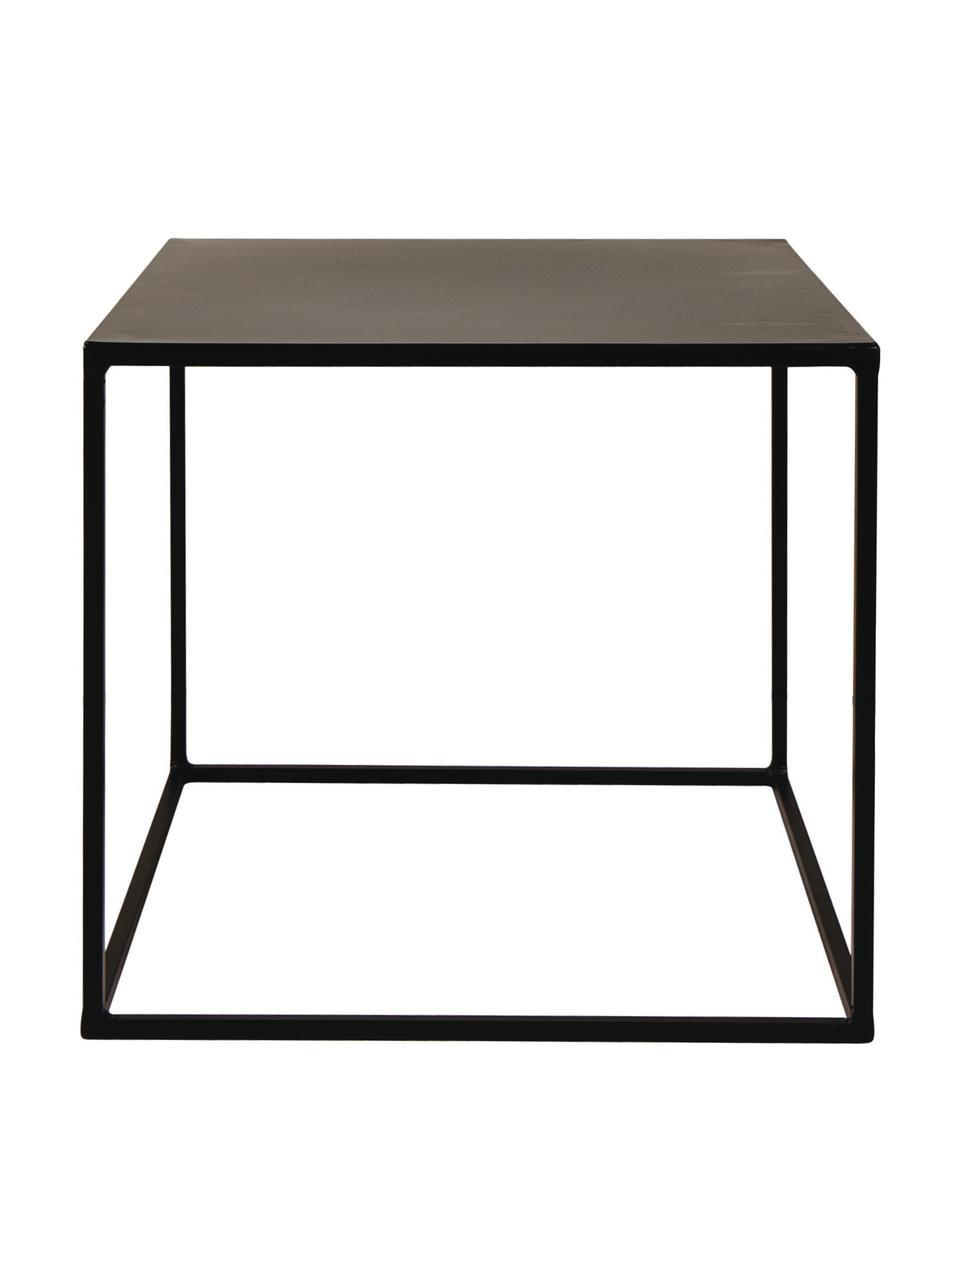 Stolik pomocniczy z metalu Expo, Metal malowany proszkowo, Czarny, S 40 x G 40 cm